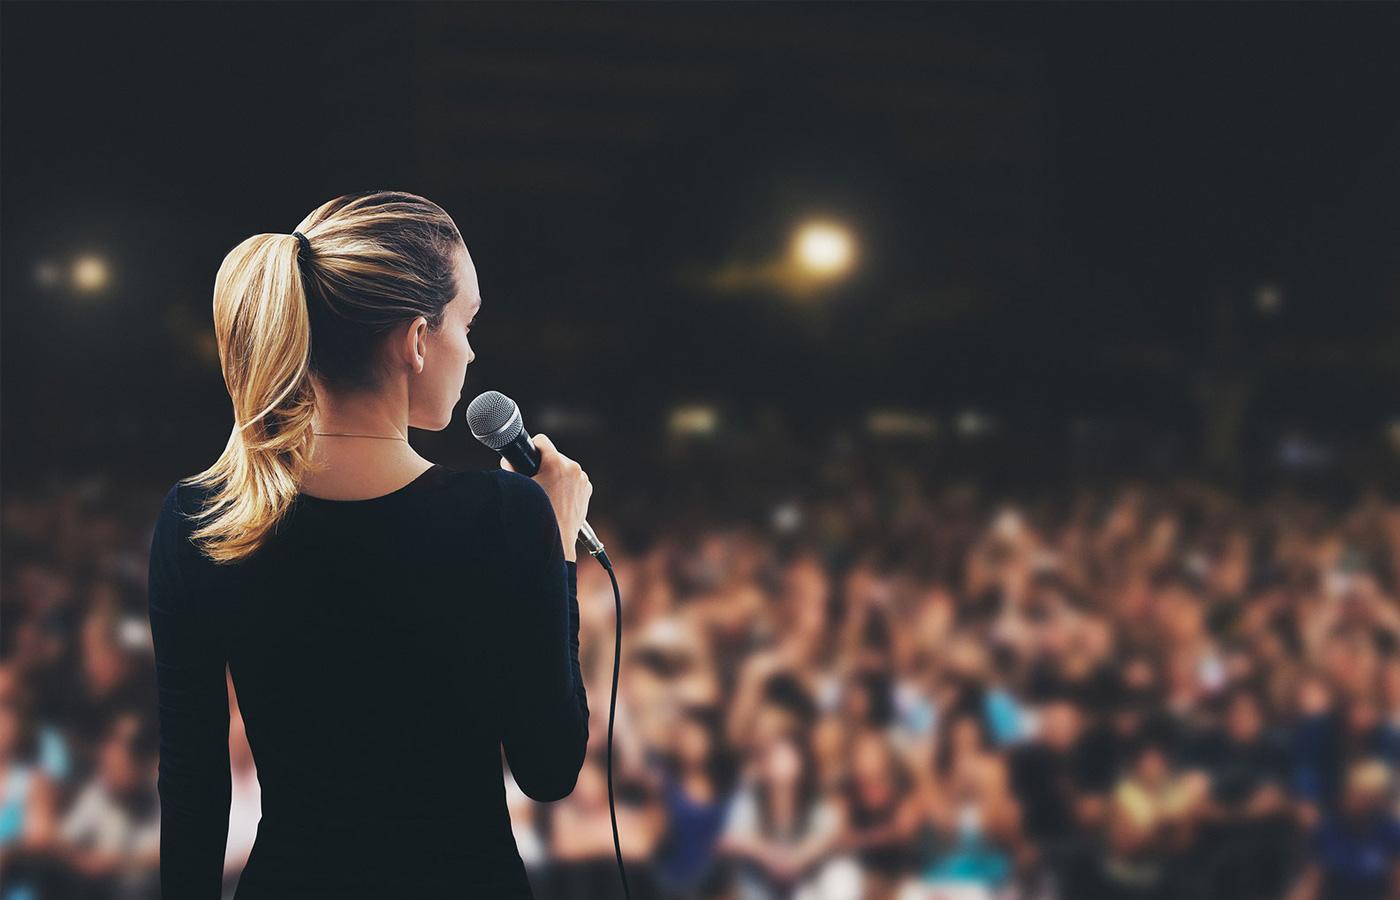 Публичные выступления 2.0 – миф или реальность?